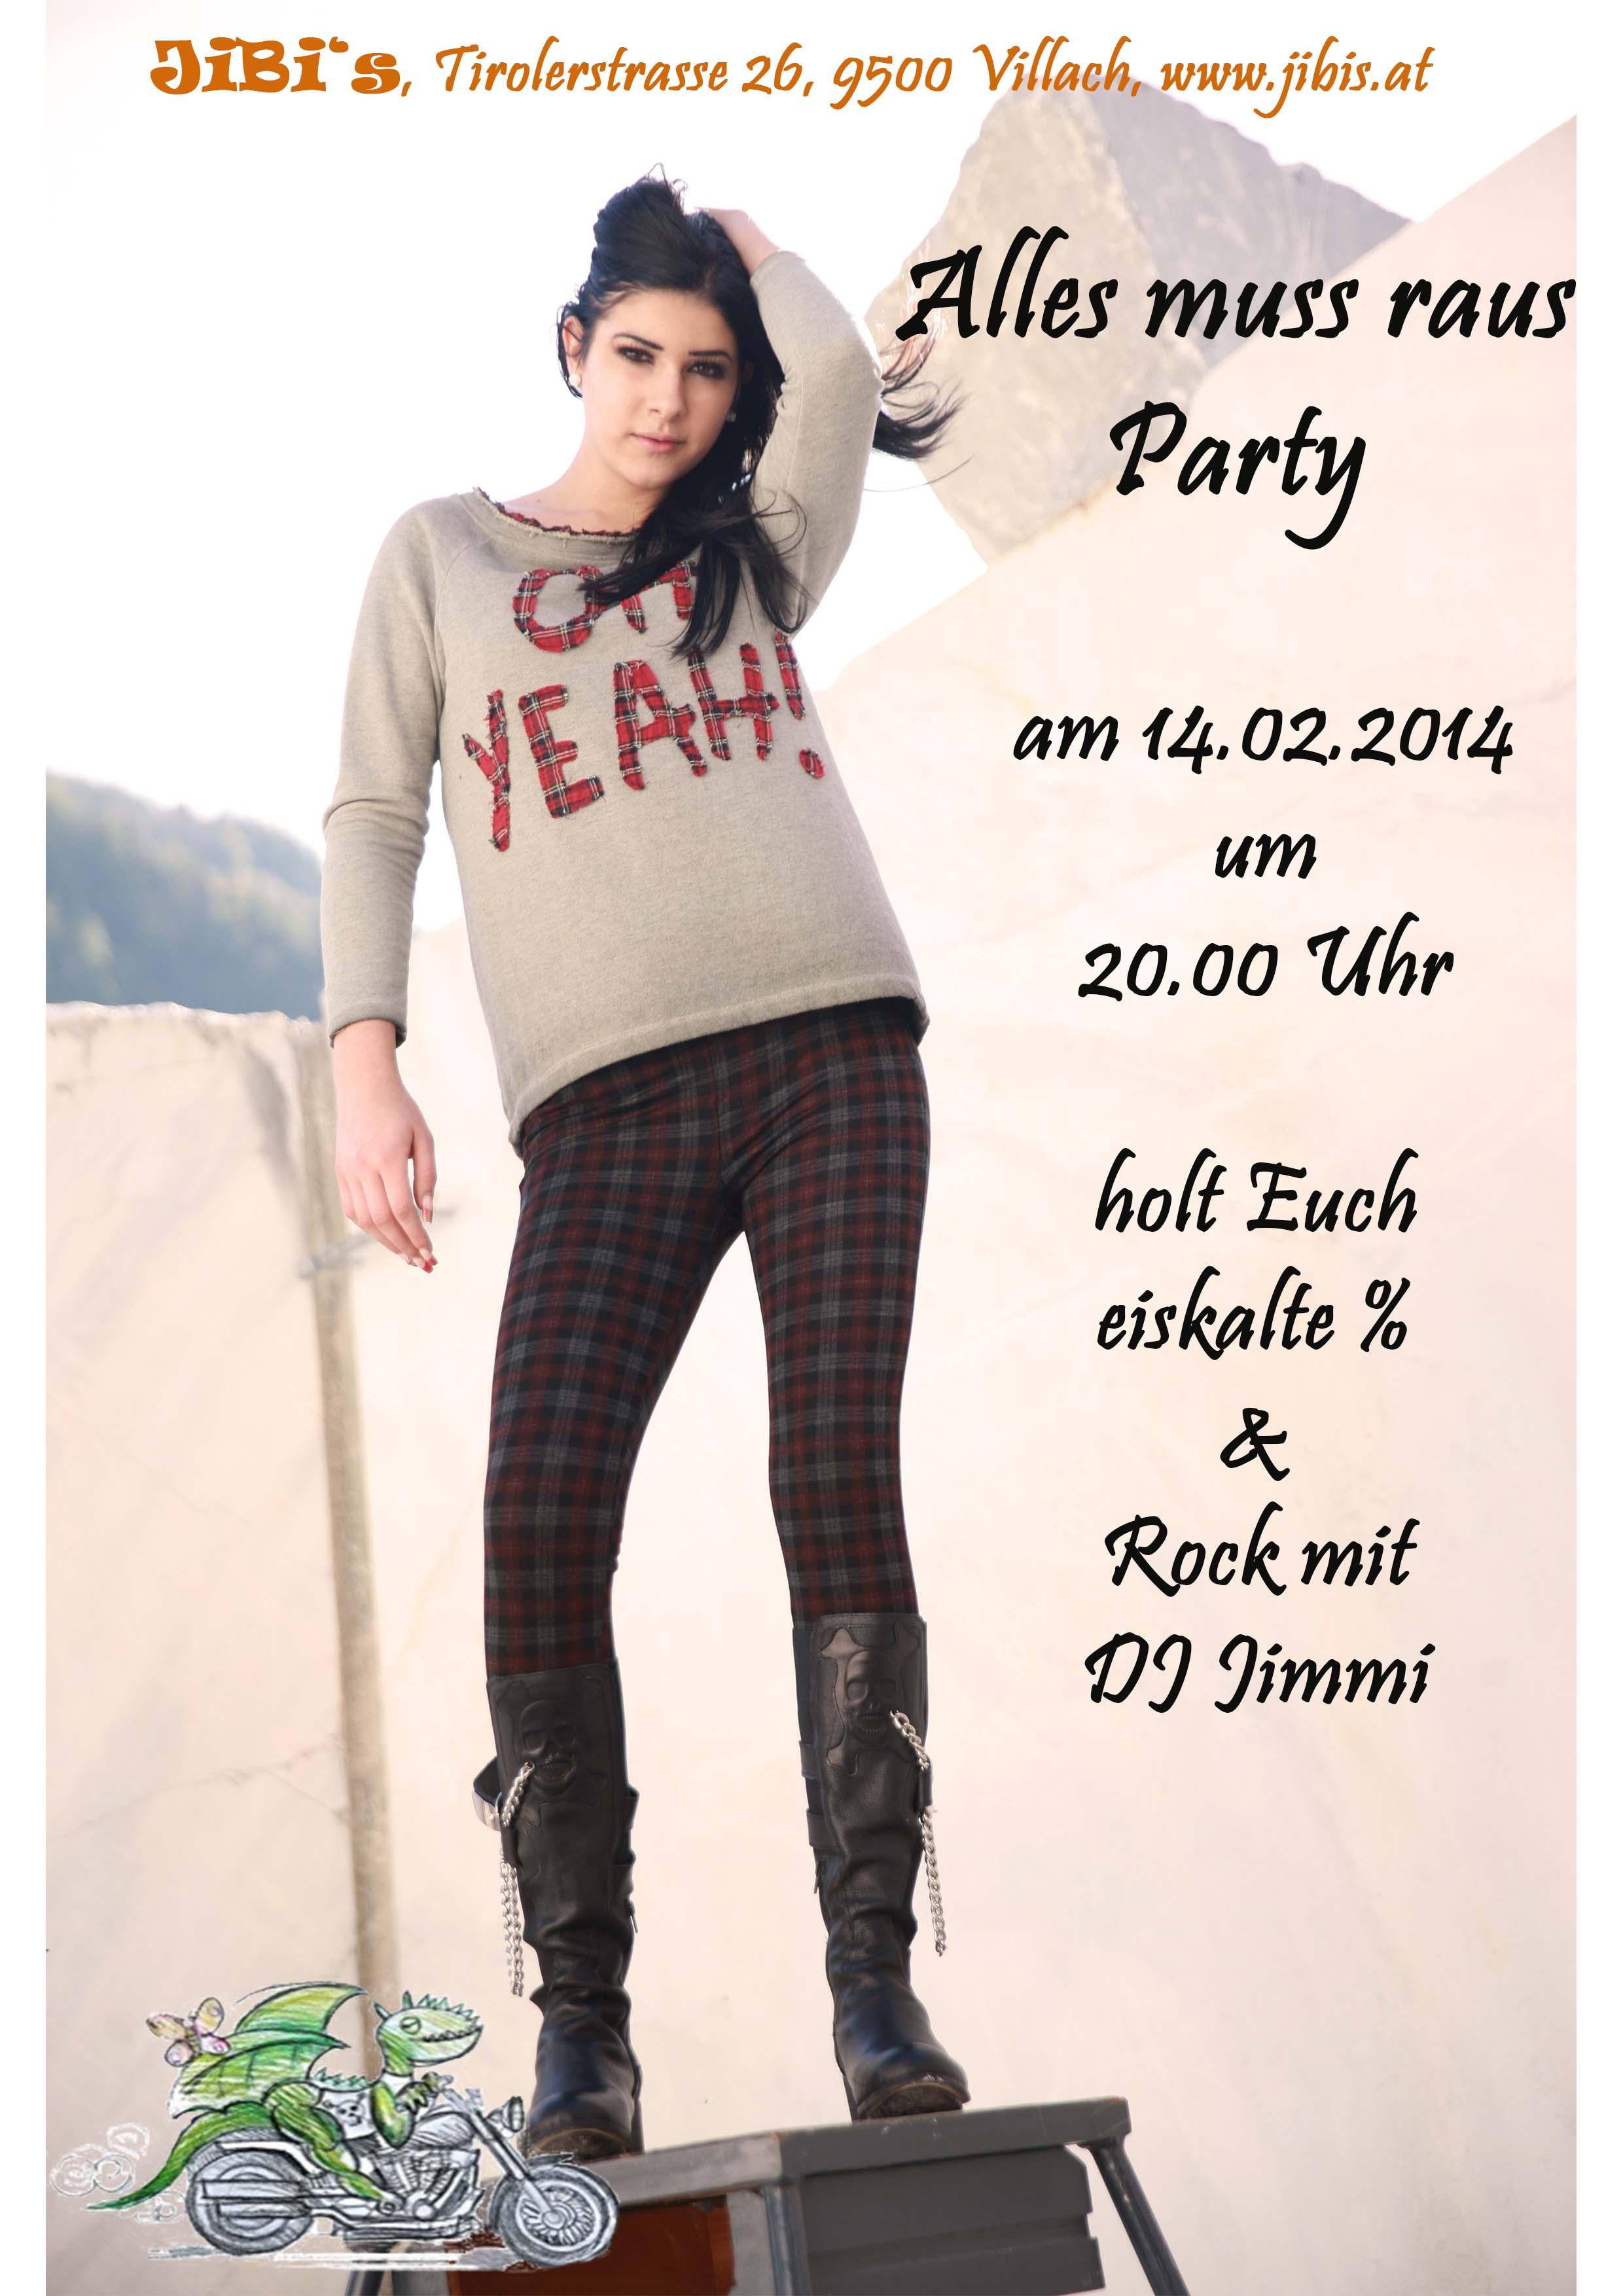 alles_muss_raus_party_klein